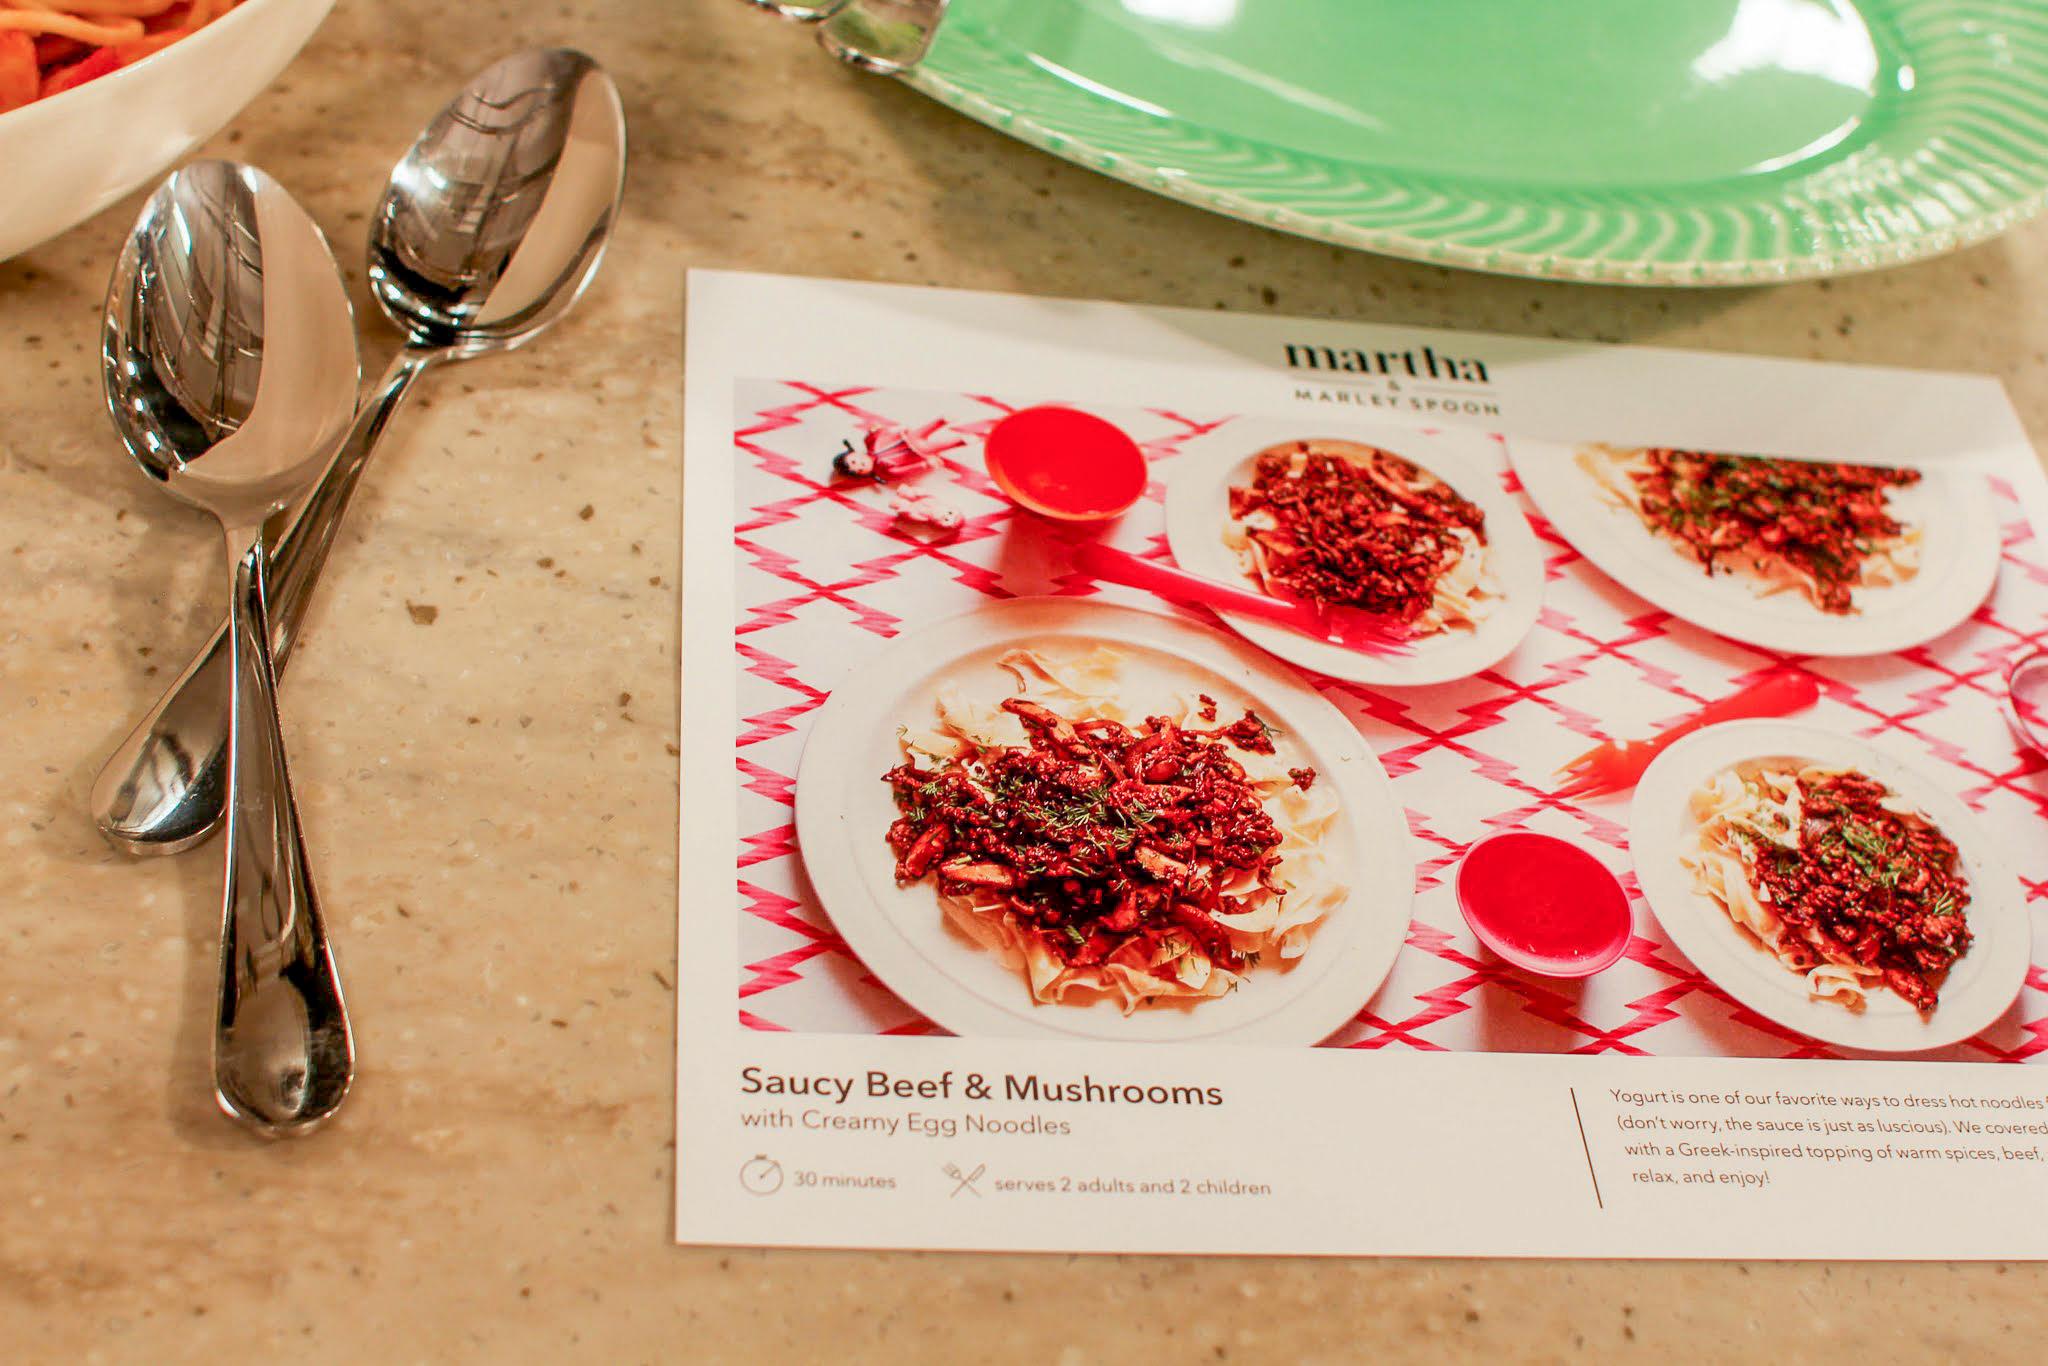 martha marley spoon recipes